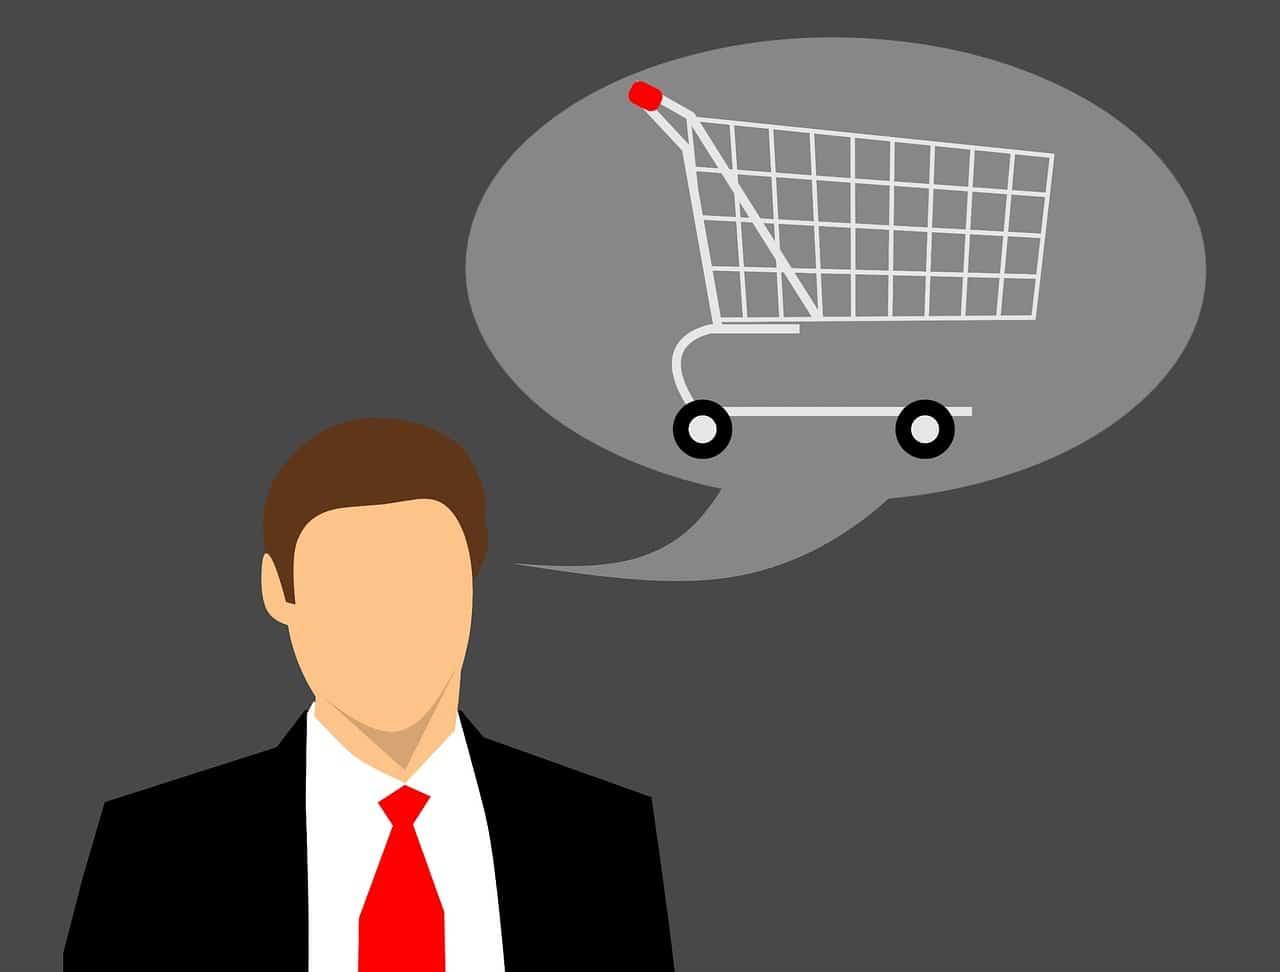 כיצד לעשות מיתוג עסקי נכון